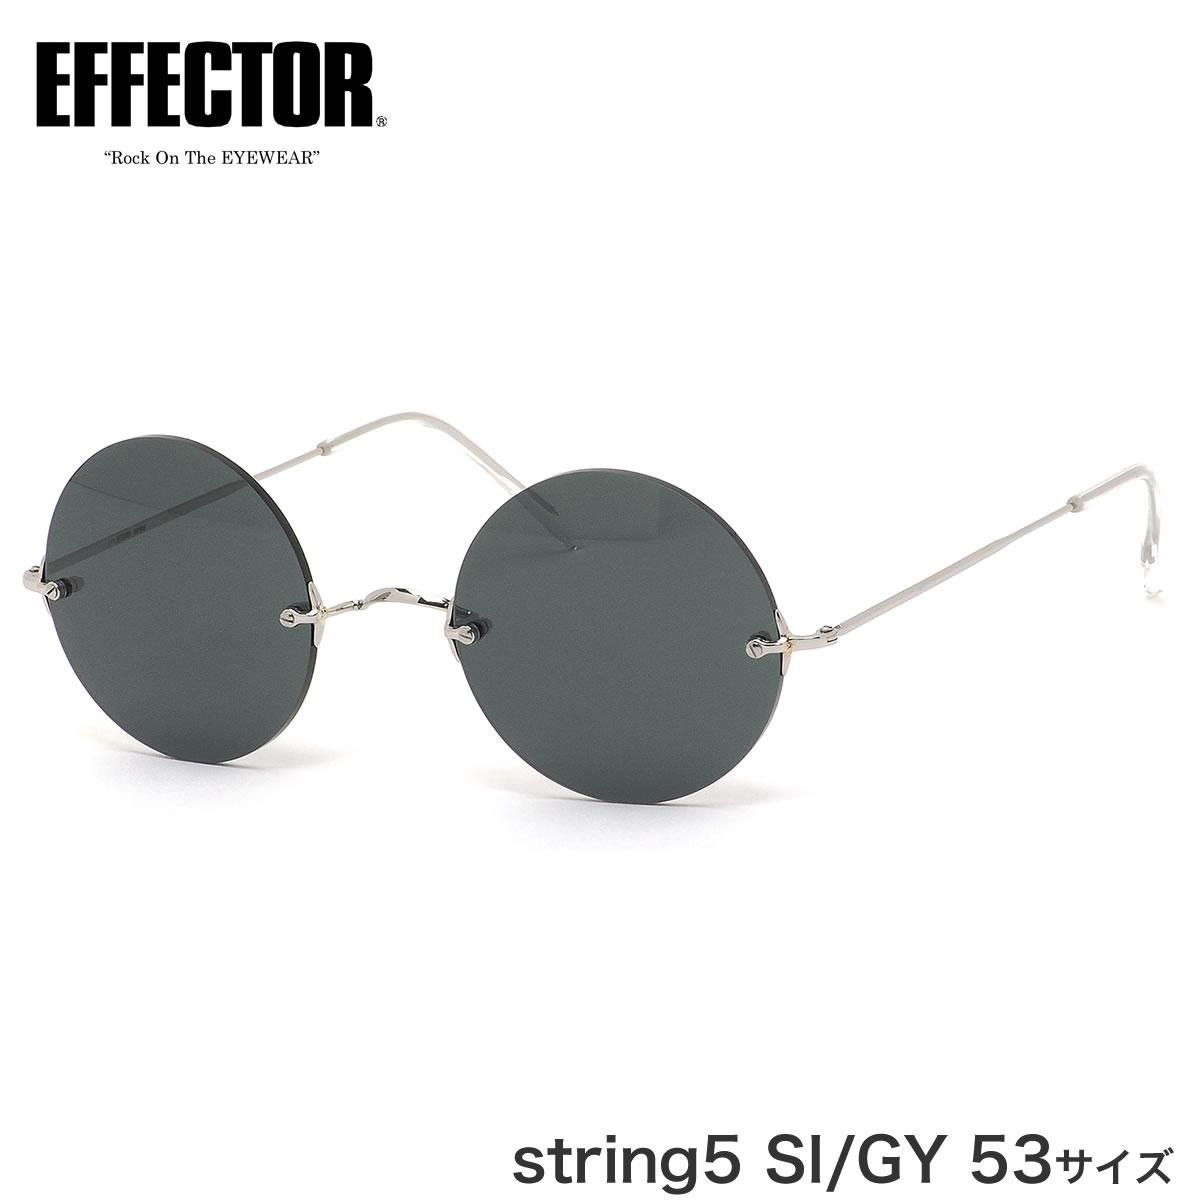 エフェクター EFFECTOR サングラス STRING5 SI/GY 53サイズ STRING5 ストリング5 サンプラチナ 一山 made in Japan 日本製 鯖江 メンズ レディース